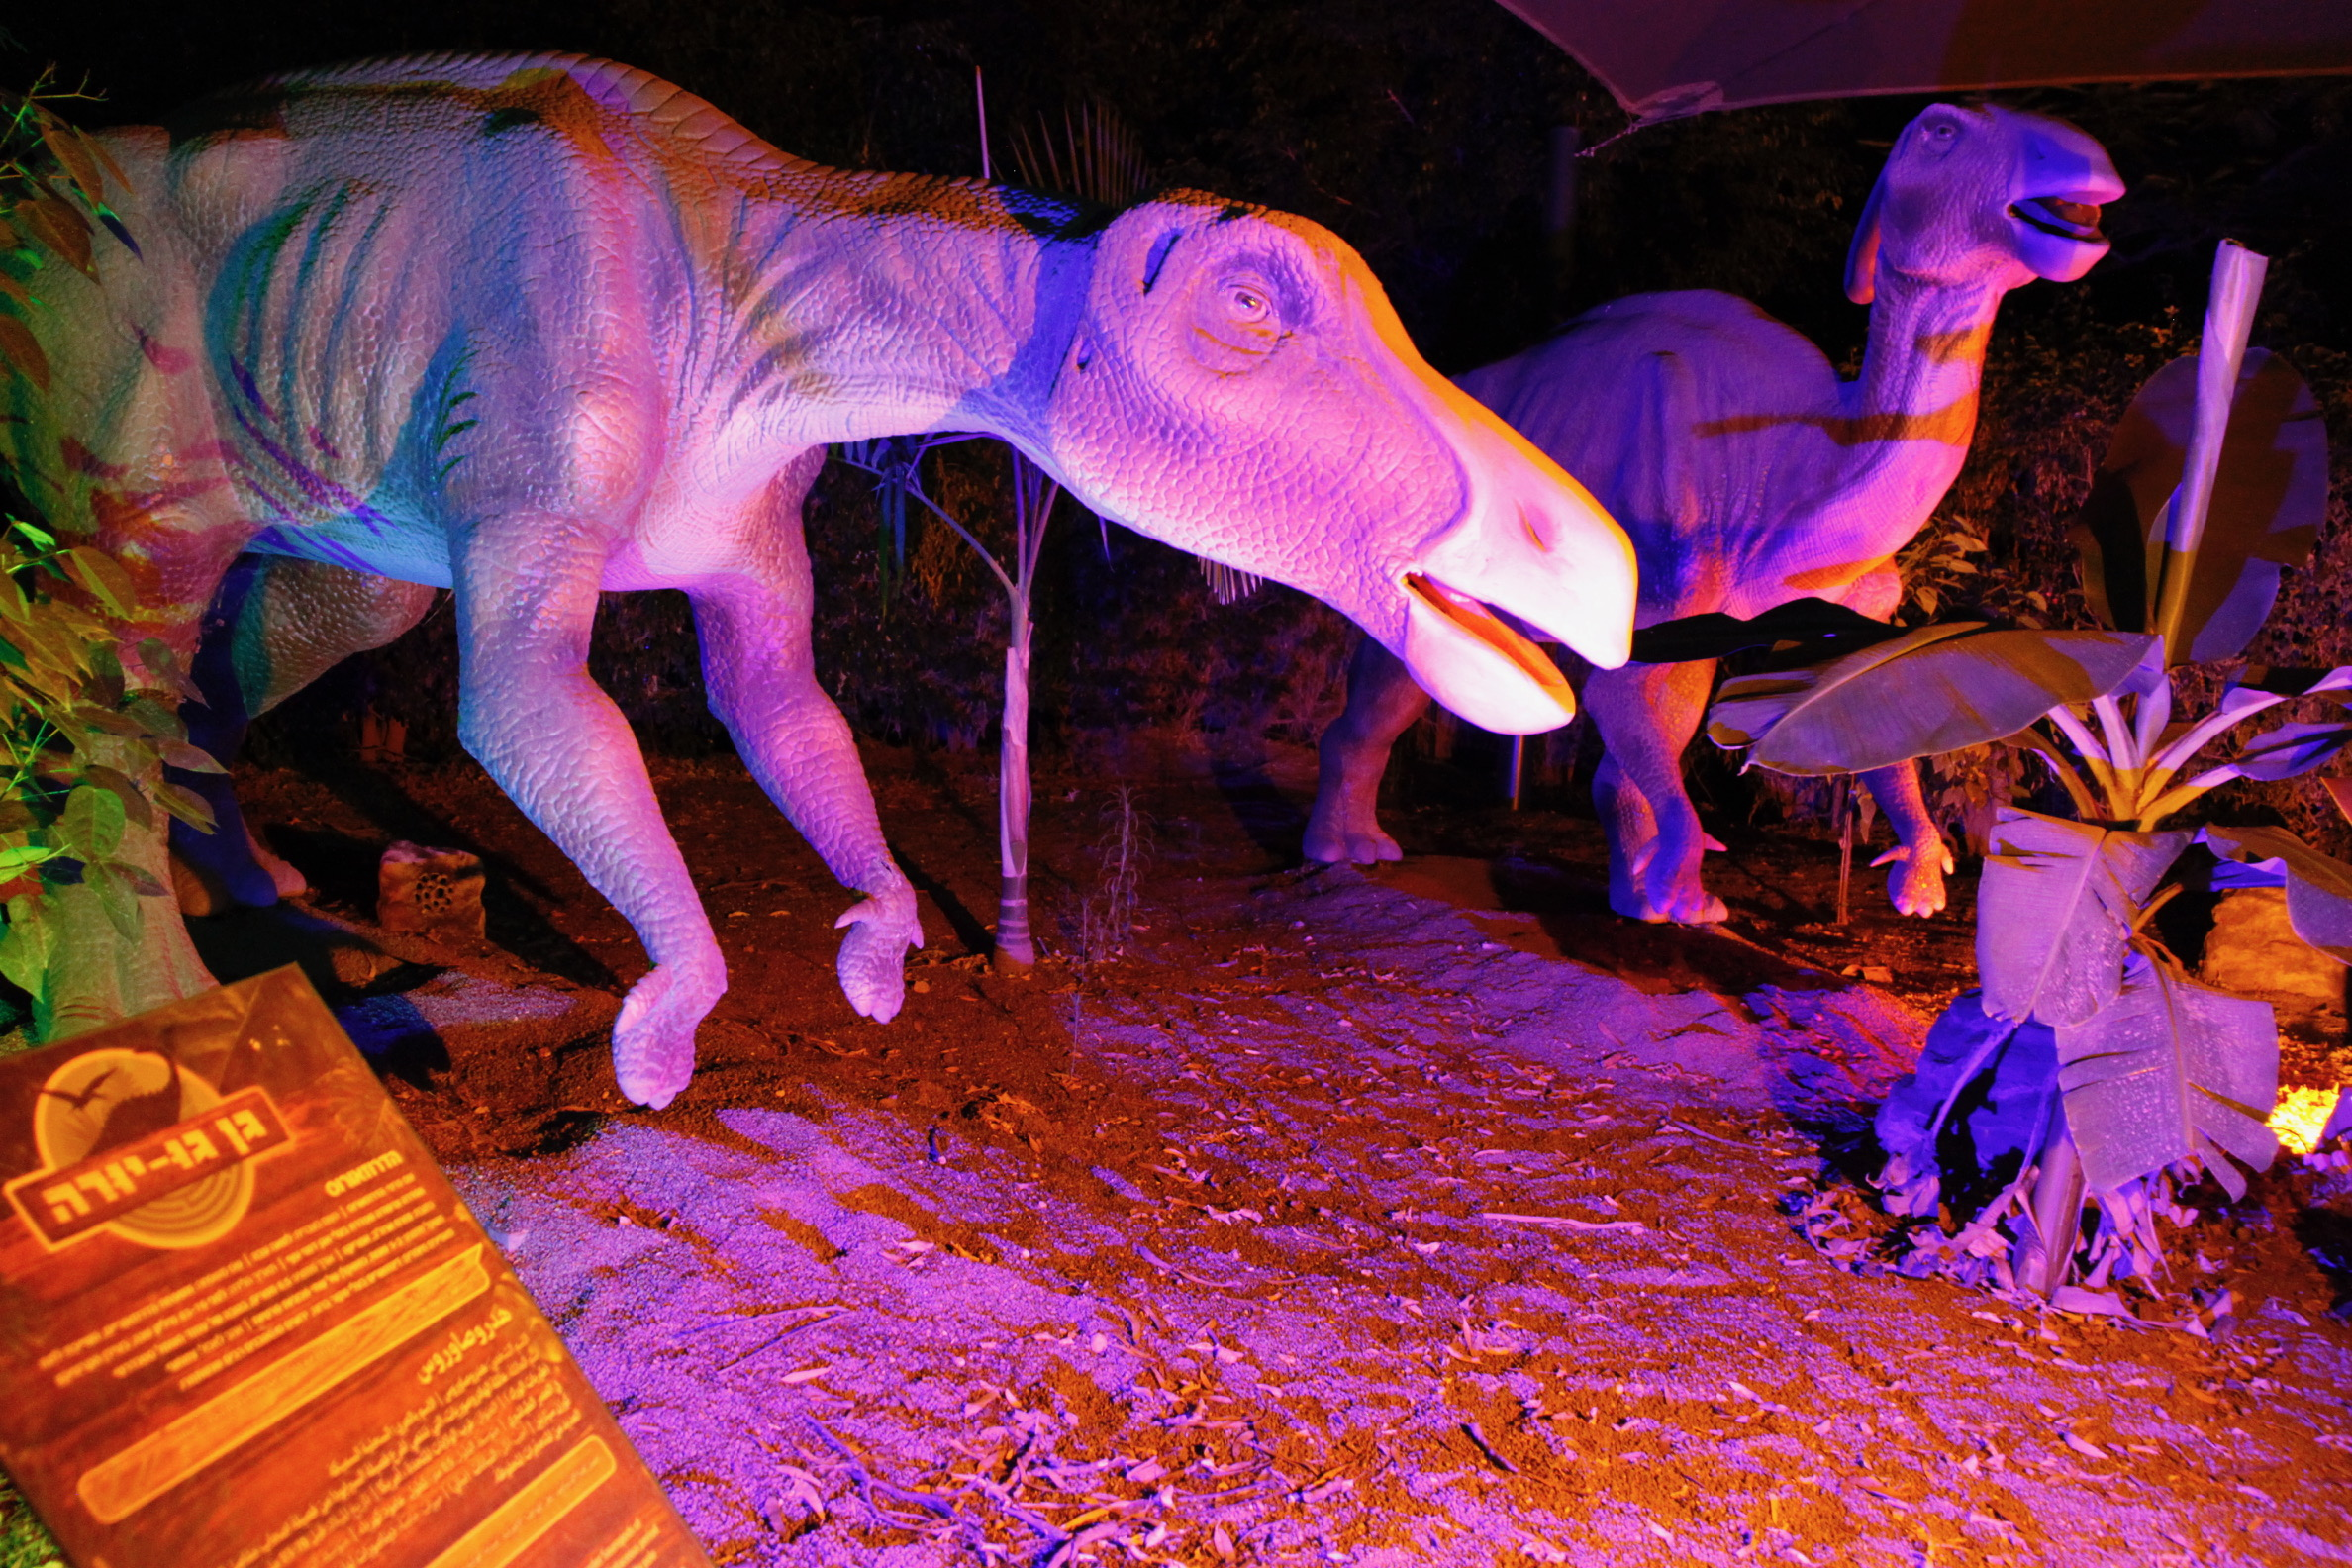 מבוך הדינוזאורים בגן גורו בלילה (צילום: נדב כפיר)